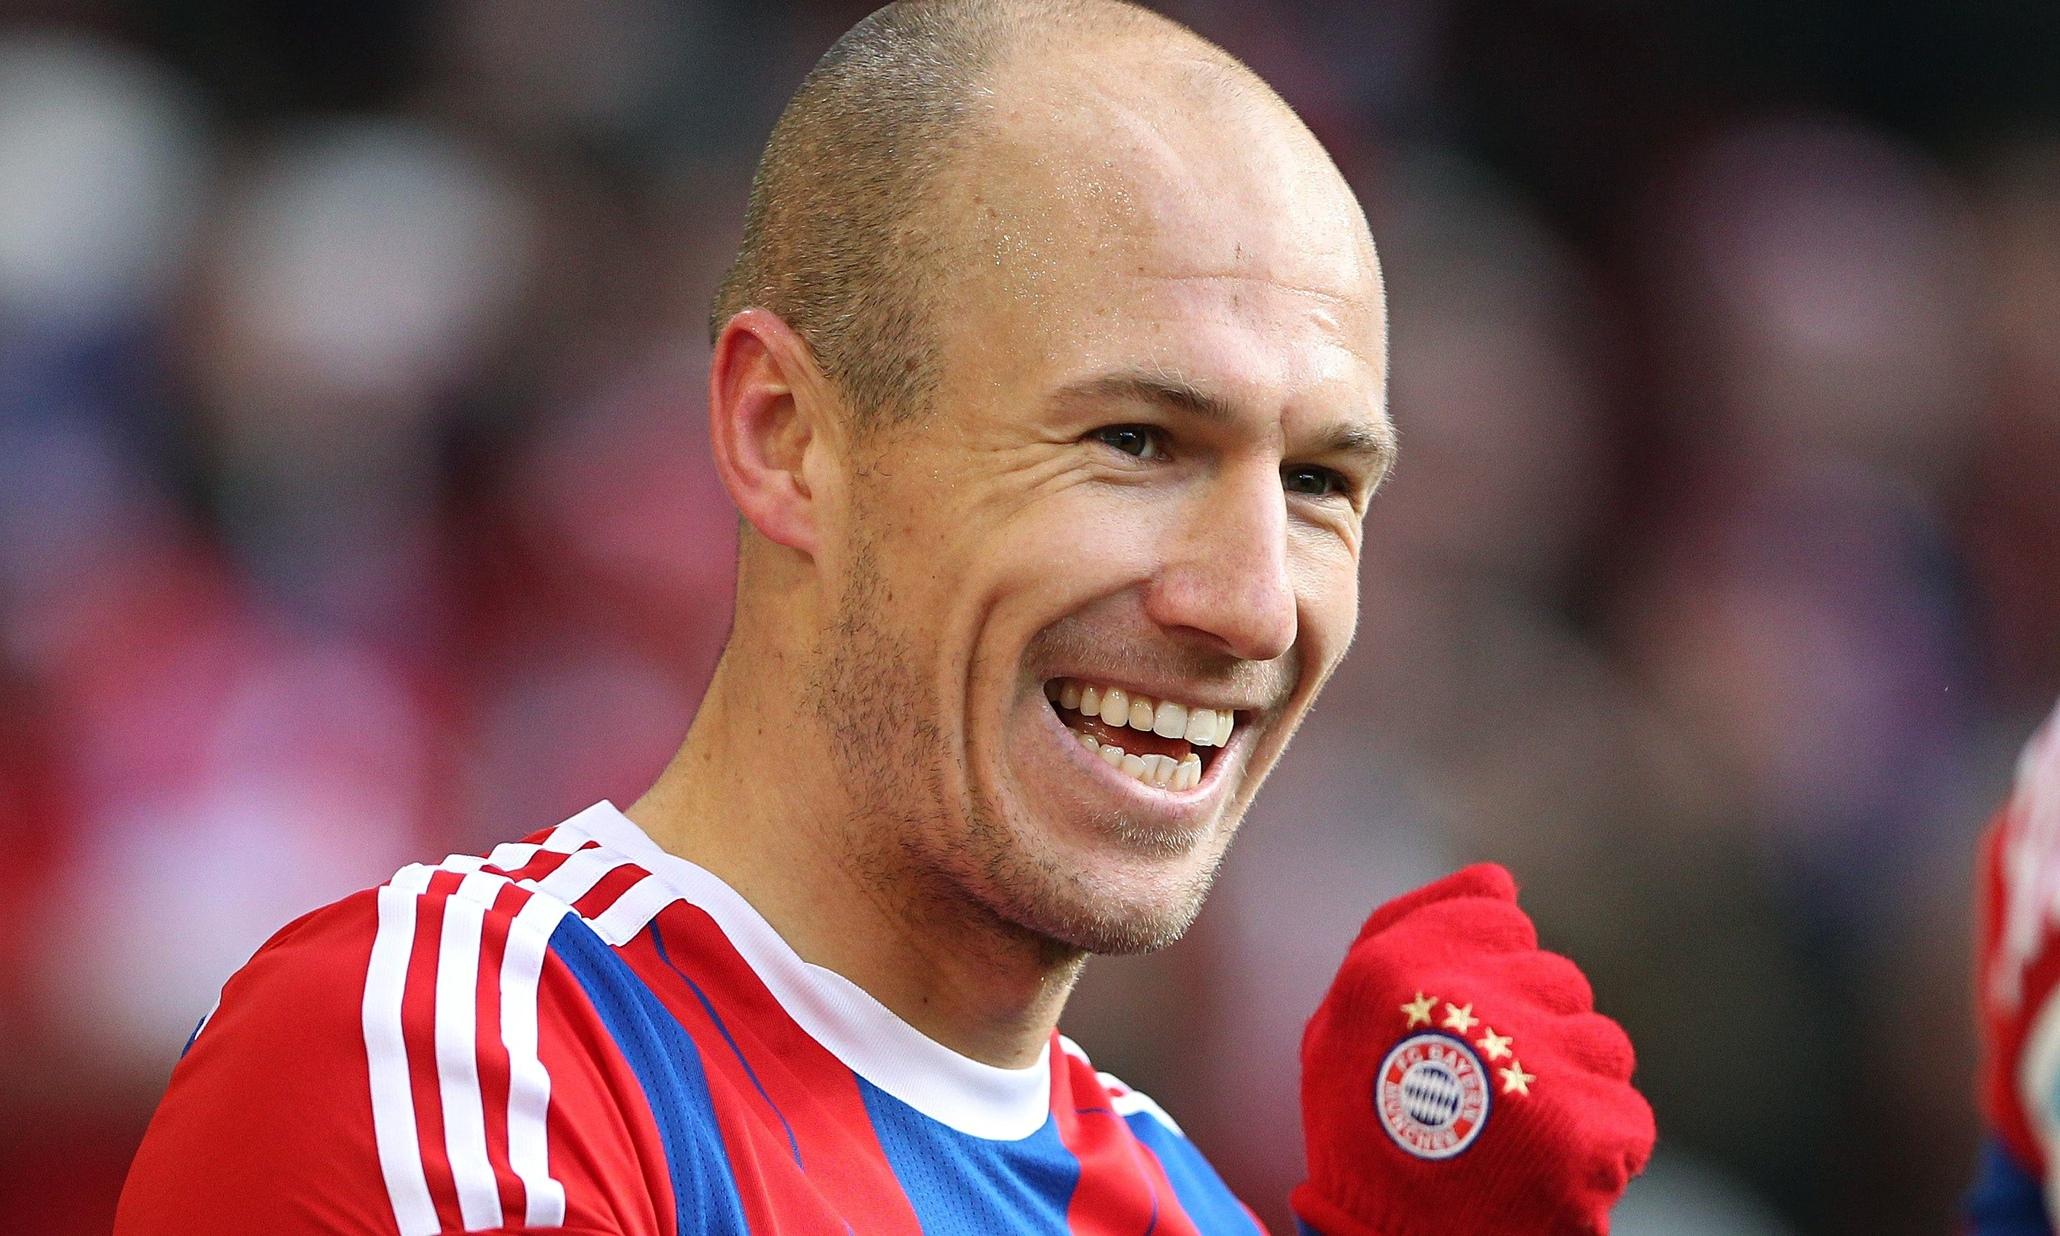 Fenerbahçe'de başkan Aziz Yıldırım Robben'in transferi için şartları zorlayacak